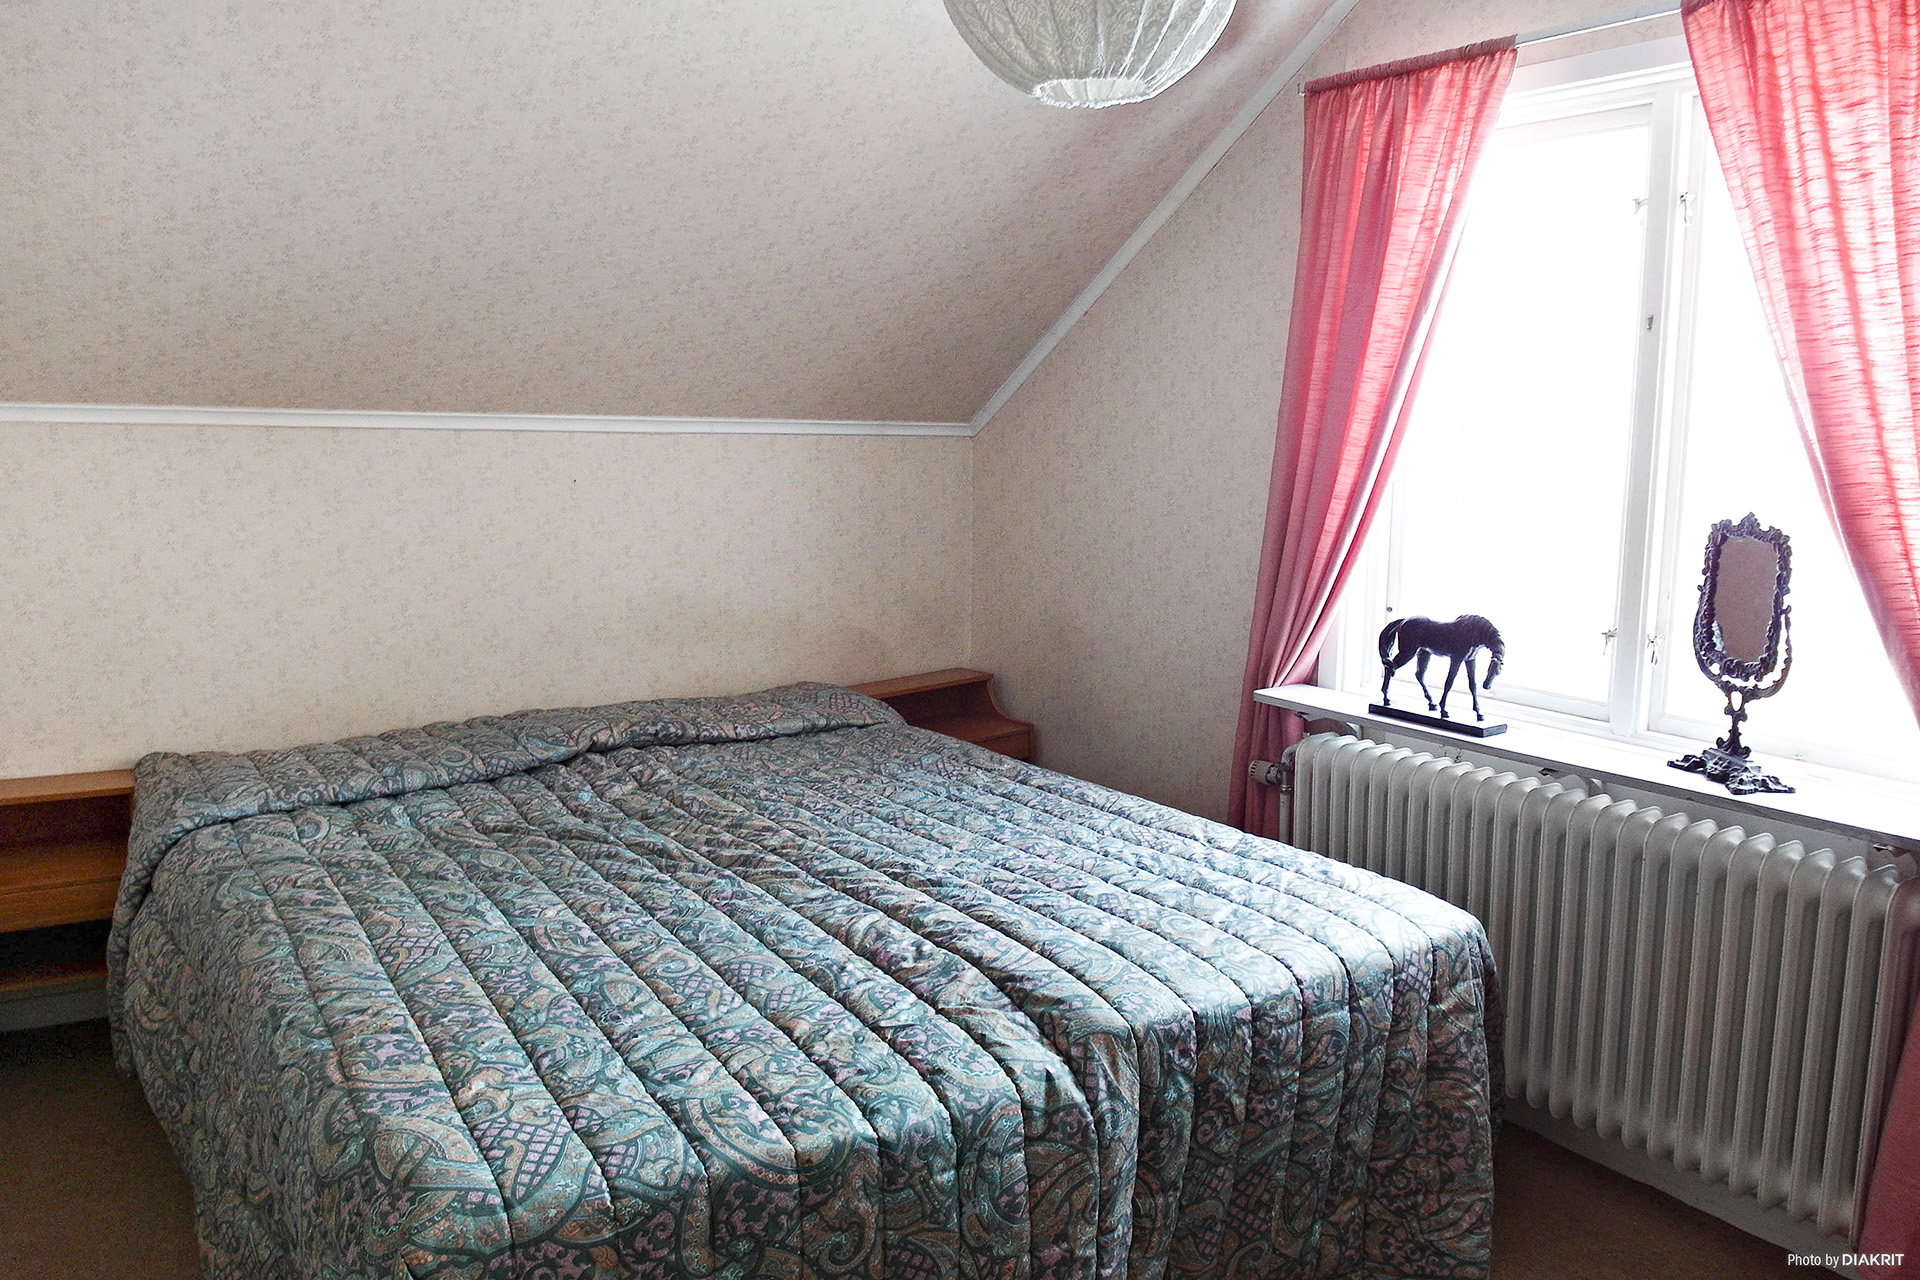 Sovrum 1 på övervåningen